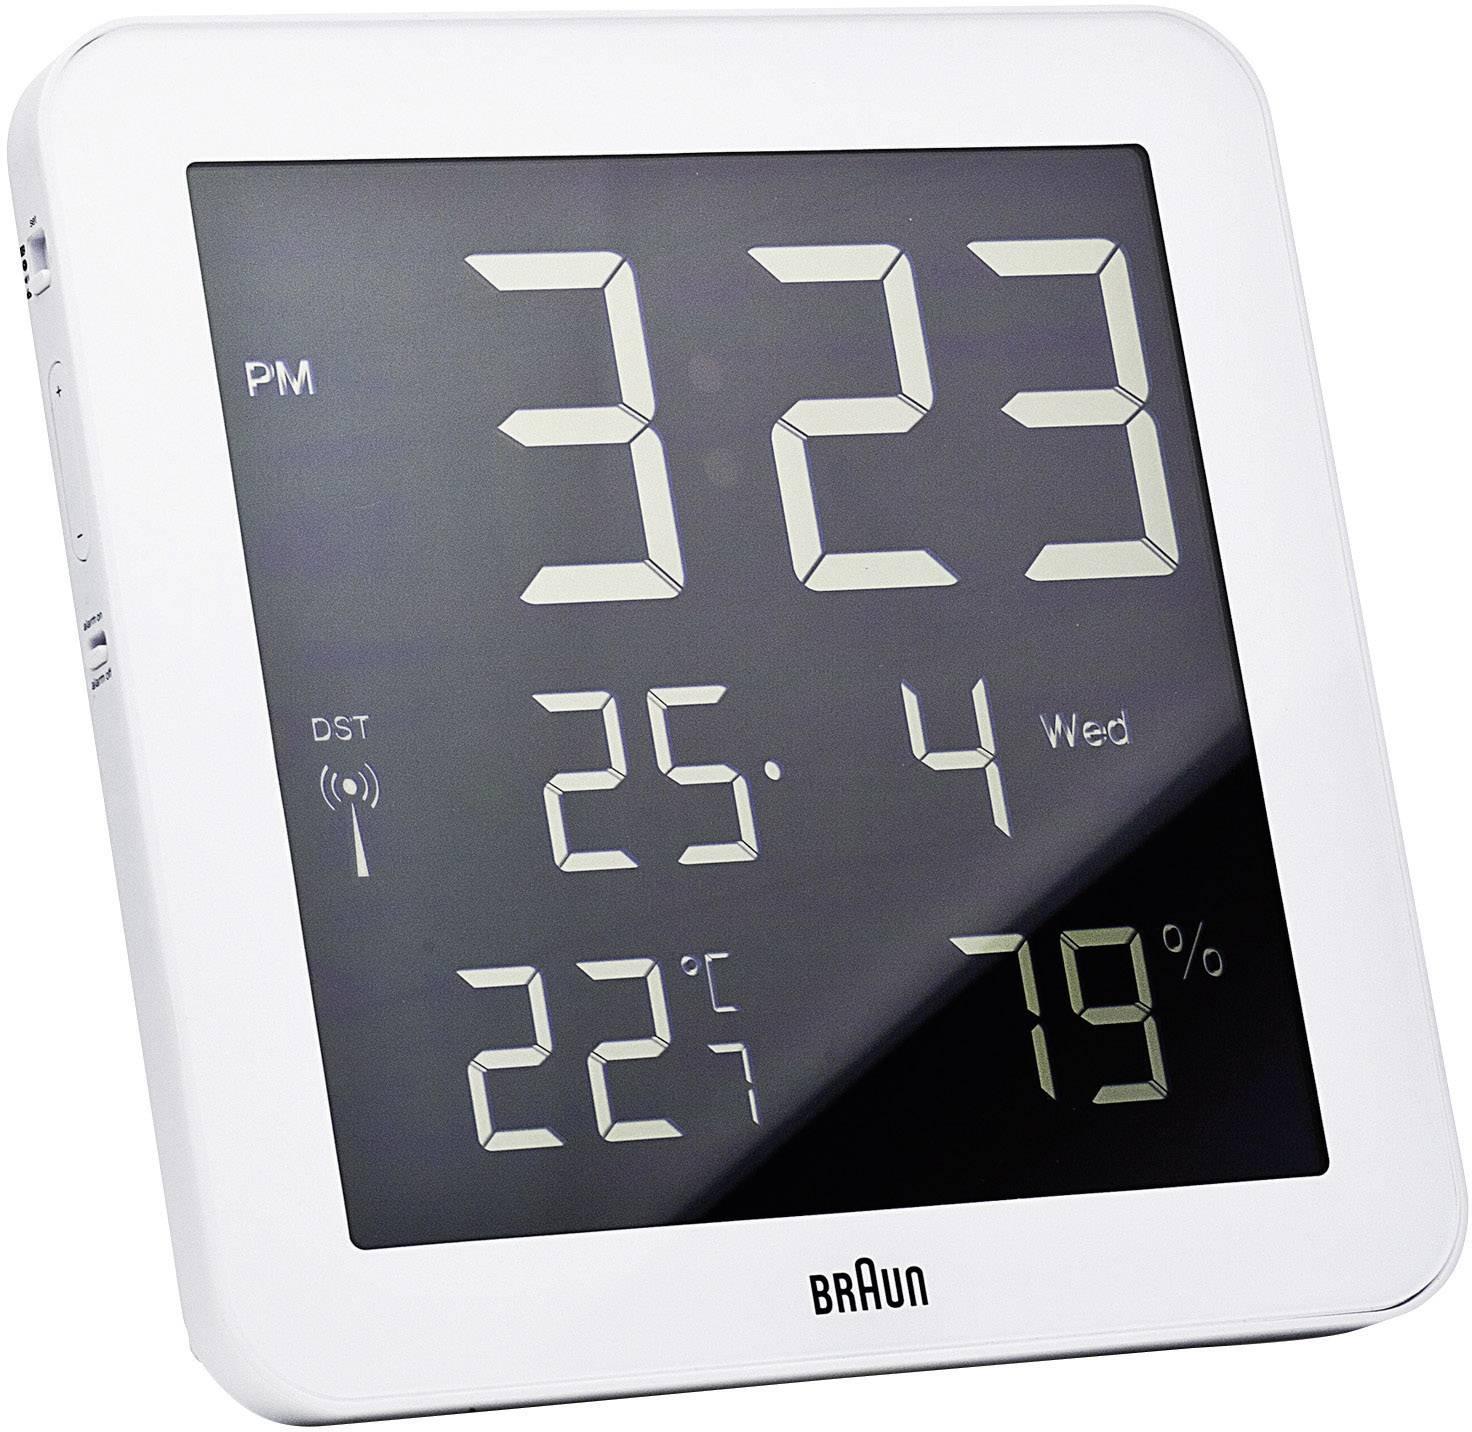 Digitálne nástenné DCF hodiny Braun, biele